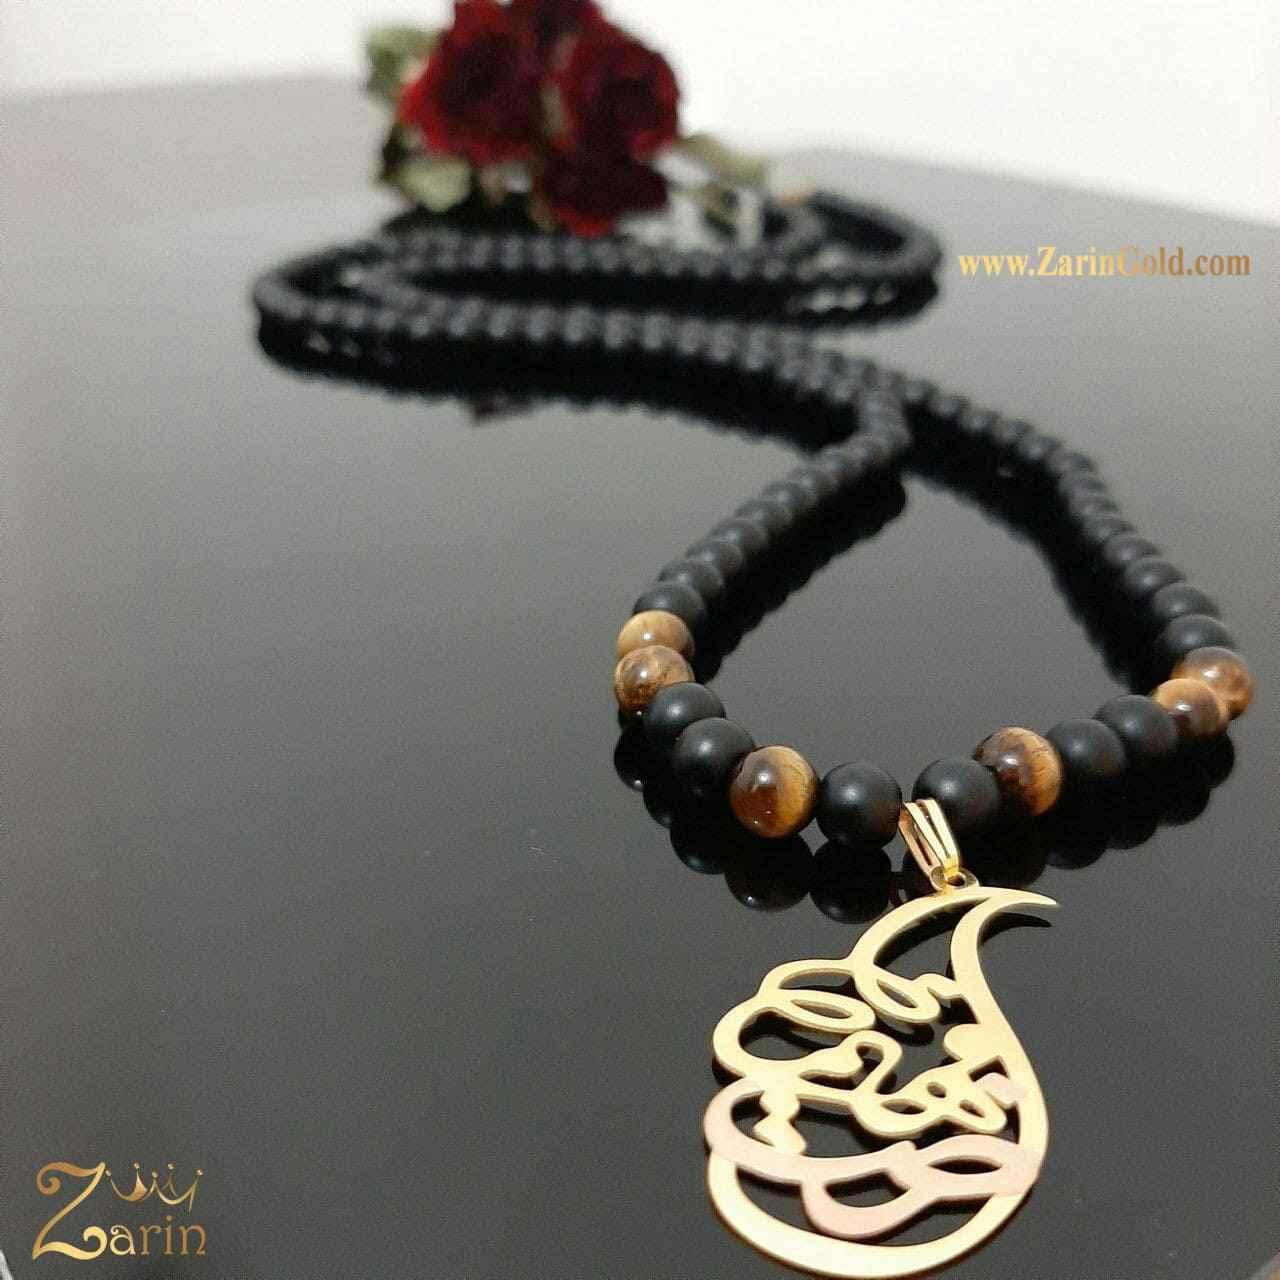 گردنبند طلا دو اسم رضا فهیمه